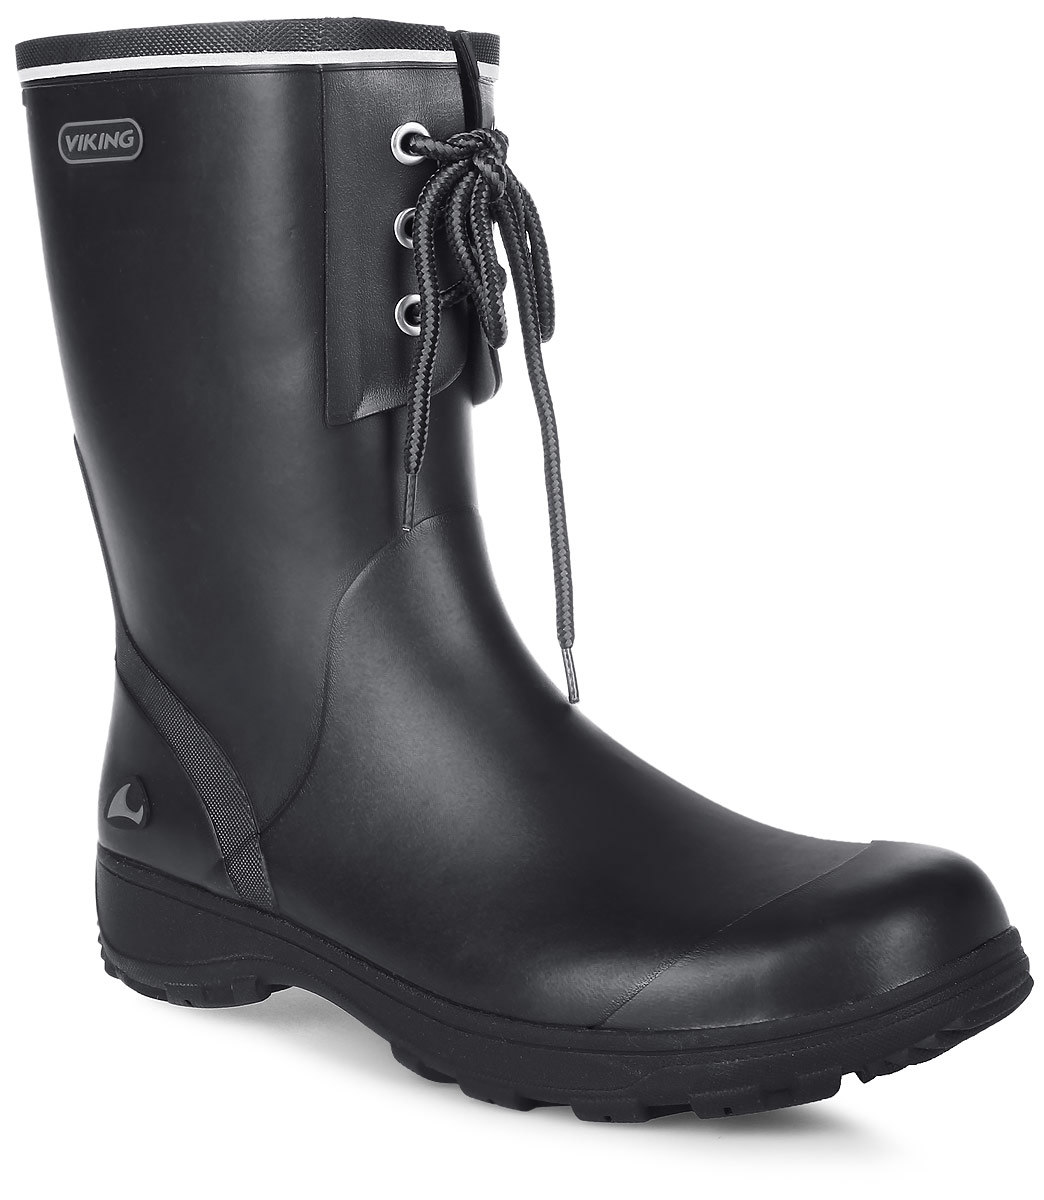 Сапоги резиновые для мальчика Viking Navigator II, цвет: черный. 1-24000-00250. Размер 411-24000-00250Модные резиновые сапоги от Viking - идеальная обувь в дождливую погоду для вашего мальчика. Модель с противоударным носком спереди оформлена декоративной шнуровкой. Внутренняя поверхность и стелька, выполненные из синтетического материала со скрученными волокнами, способствующими поддержанию тепла, комфортны при ходьбе. Светоотражающая полоска увеличивает безопасность вашего ребенка в темное время суток. Подошва с протектором гарантирует отличное сцепление с любой поверхностью. Резиновые сапоги - необходимая вещь в гардеробе каждого мальчика.